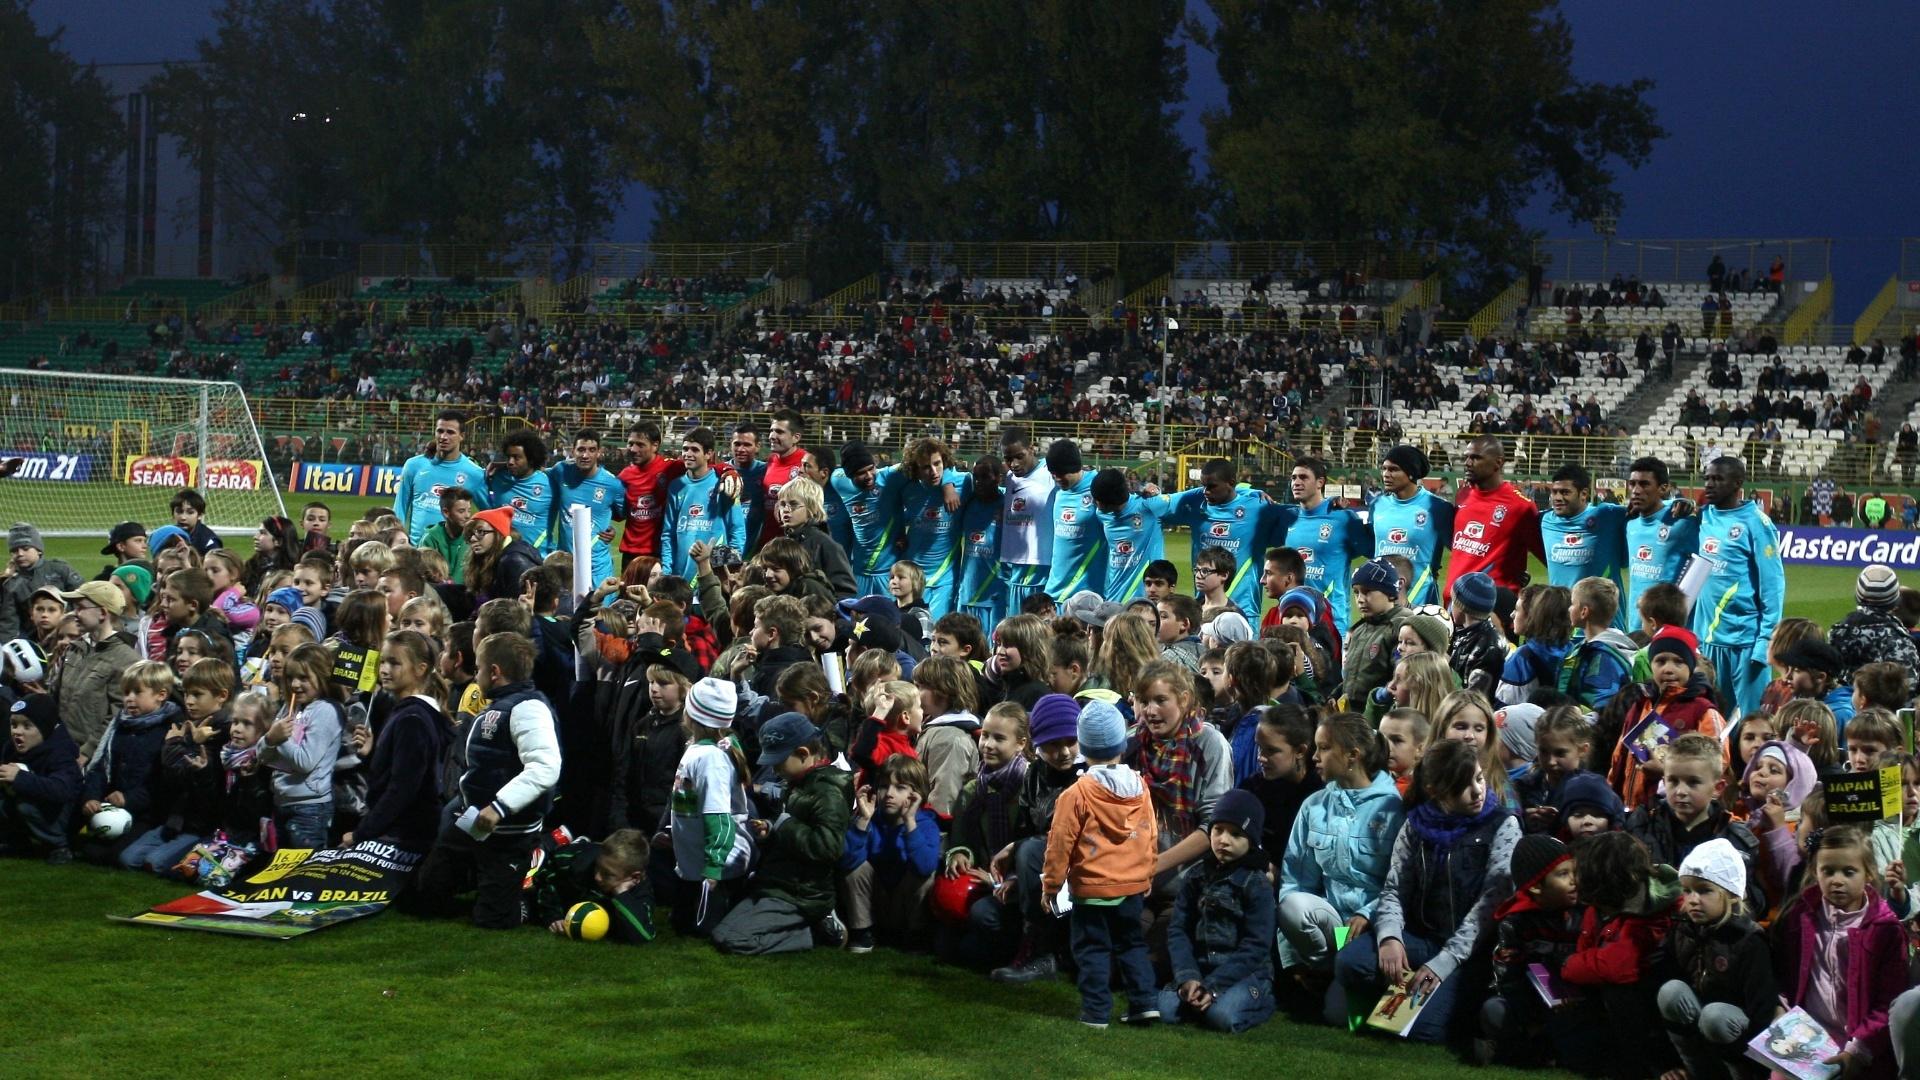 Crianças tiraram fotos com os jogadores após o treino da seleção brasileira em Polônia